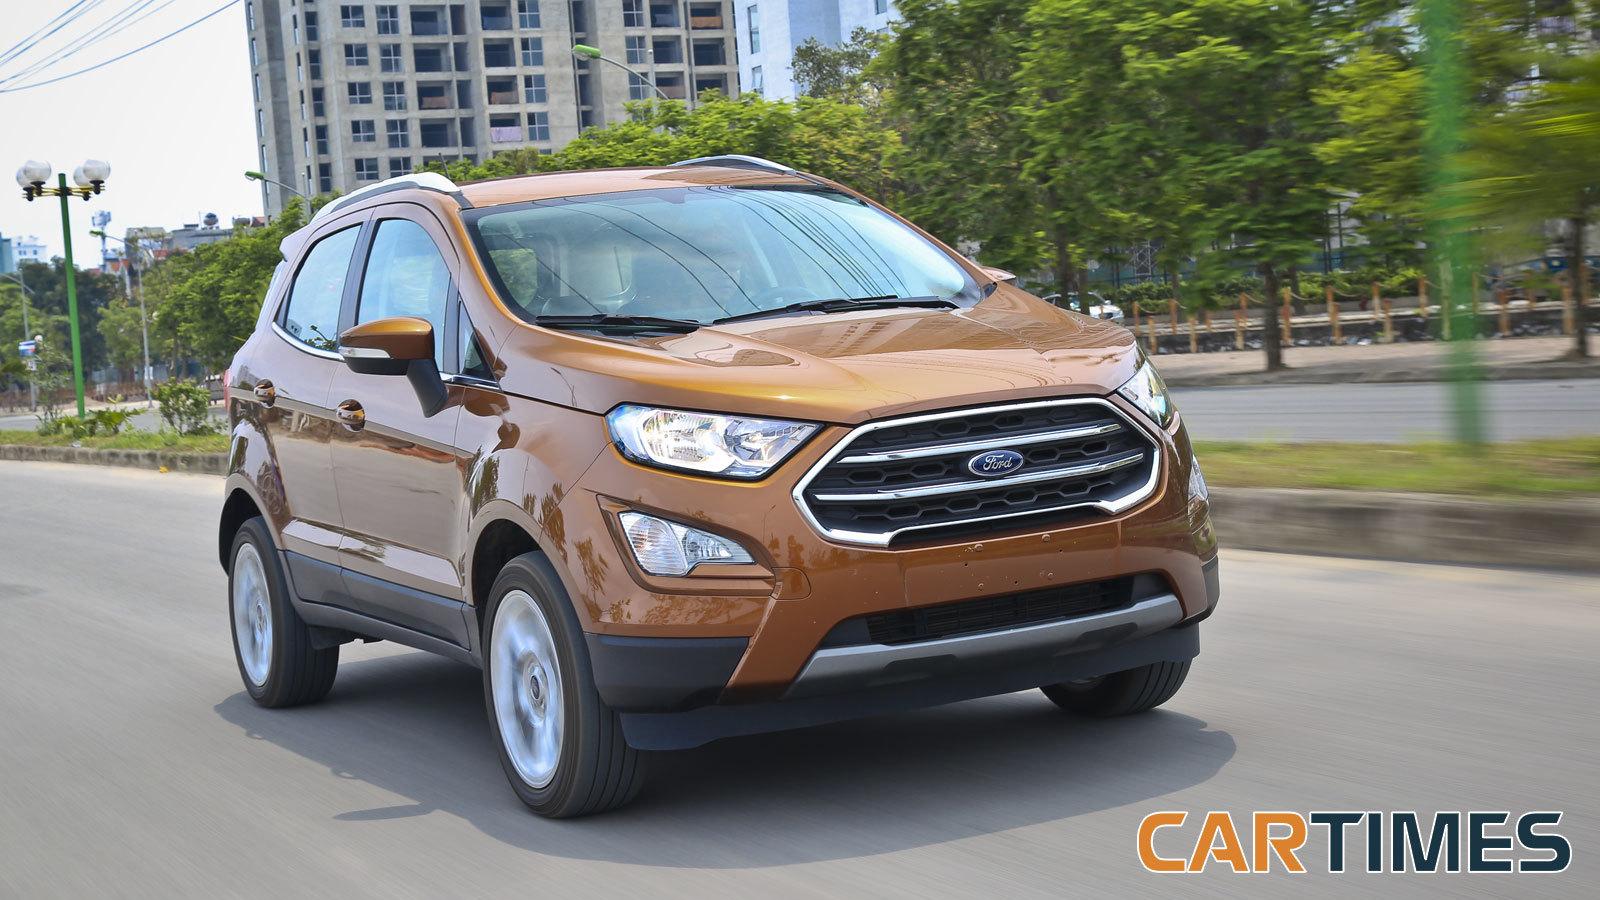 Toyota Vios,Honda Jazz,Hyundai Elantra,mua ô tô,tư vấn mua xe,ô tô giá rẻ